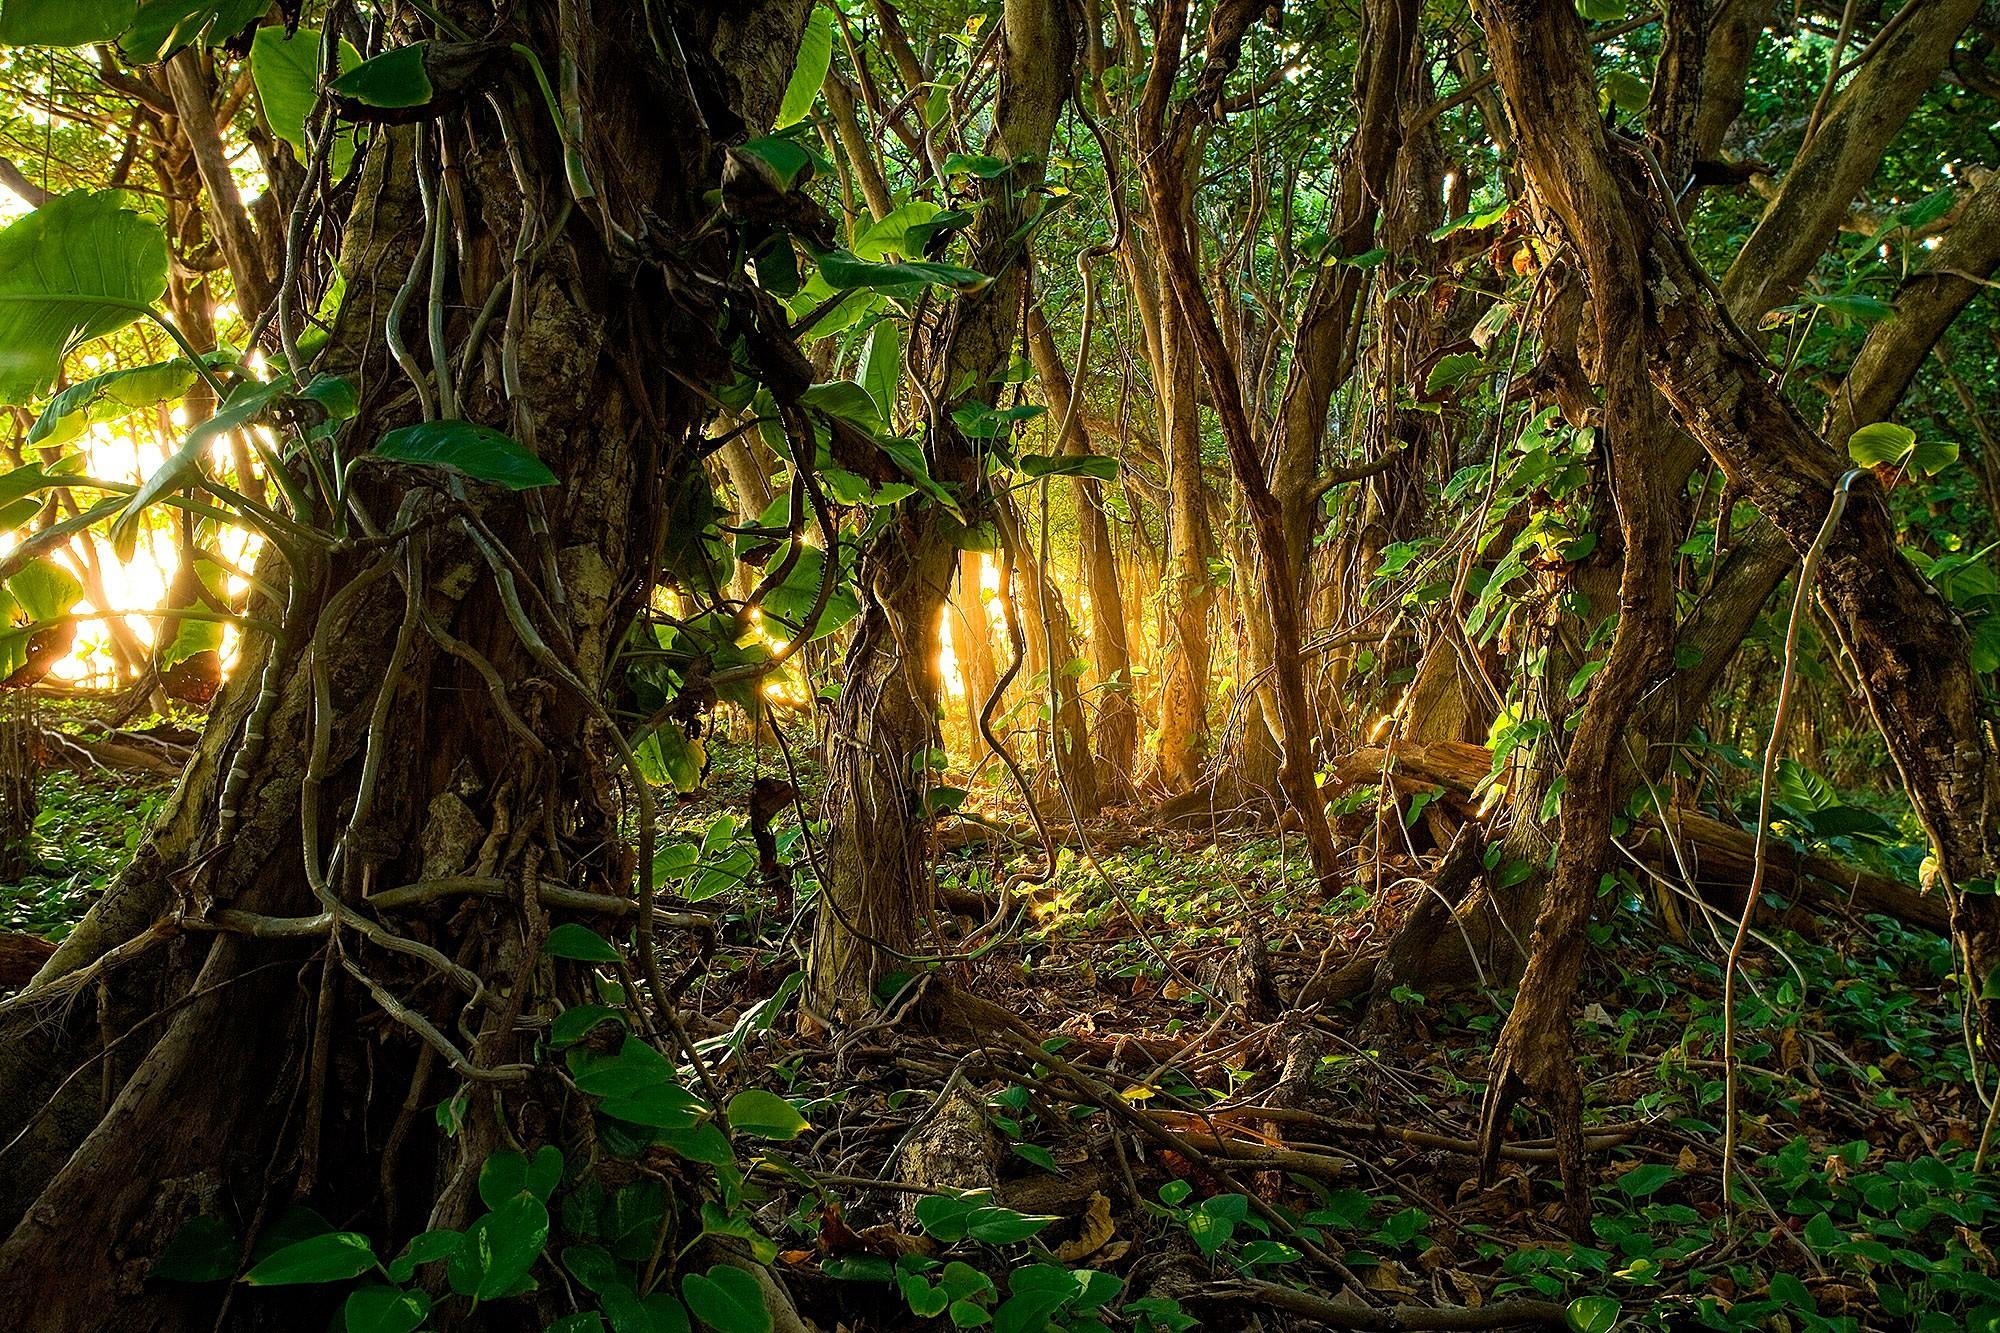 Fondo De Pantalla Selva: Jungle Wallpapers, Pictures, Images